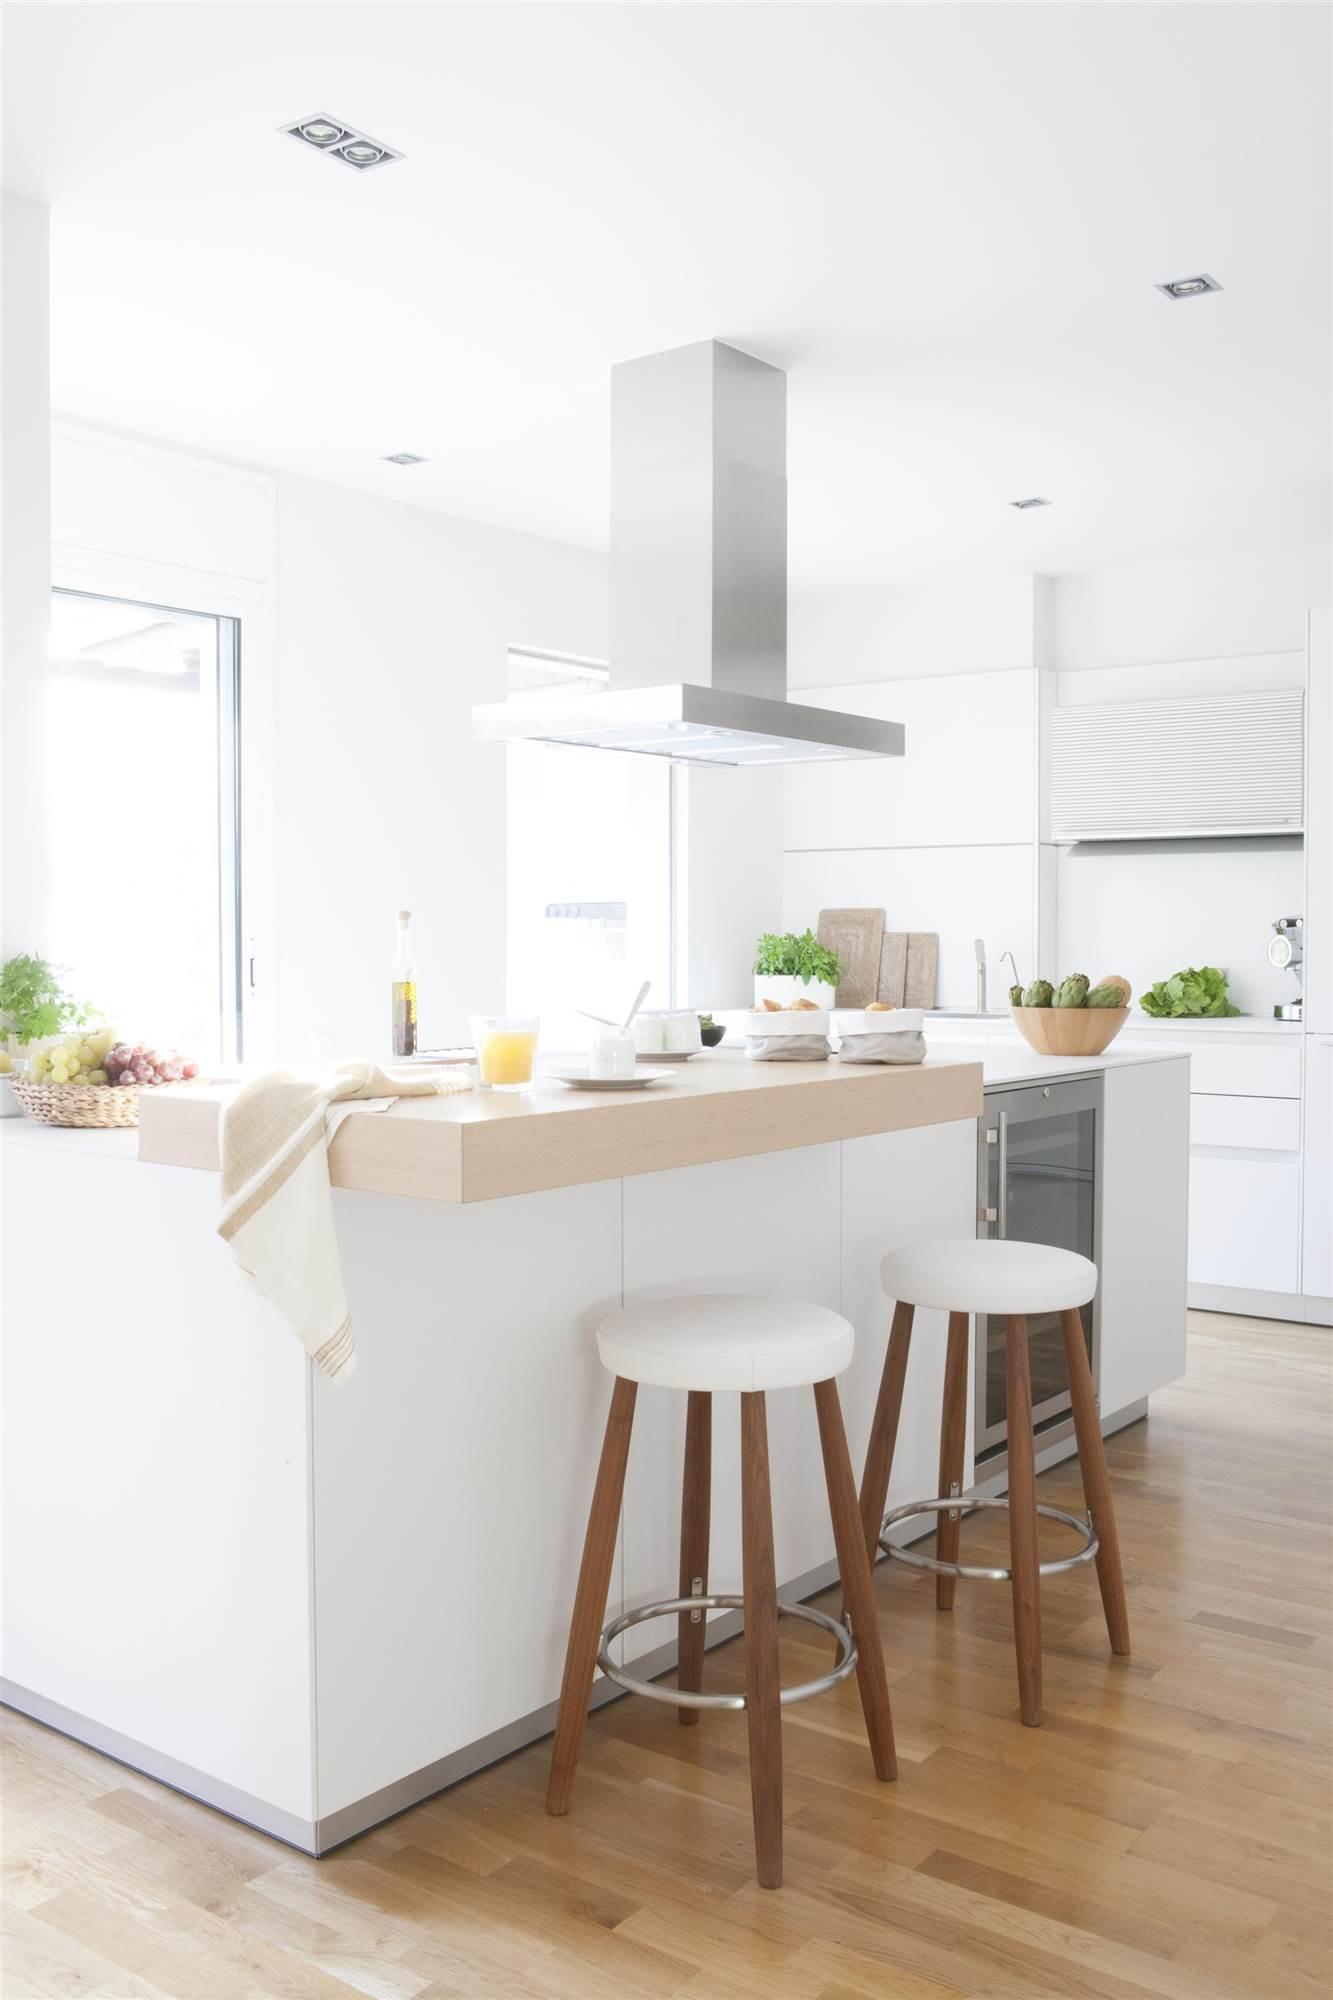 Cocinas en blanco y madera bonitas c lidas y luminosas for Cocina color gris y madera